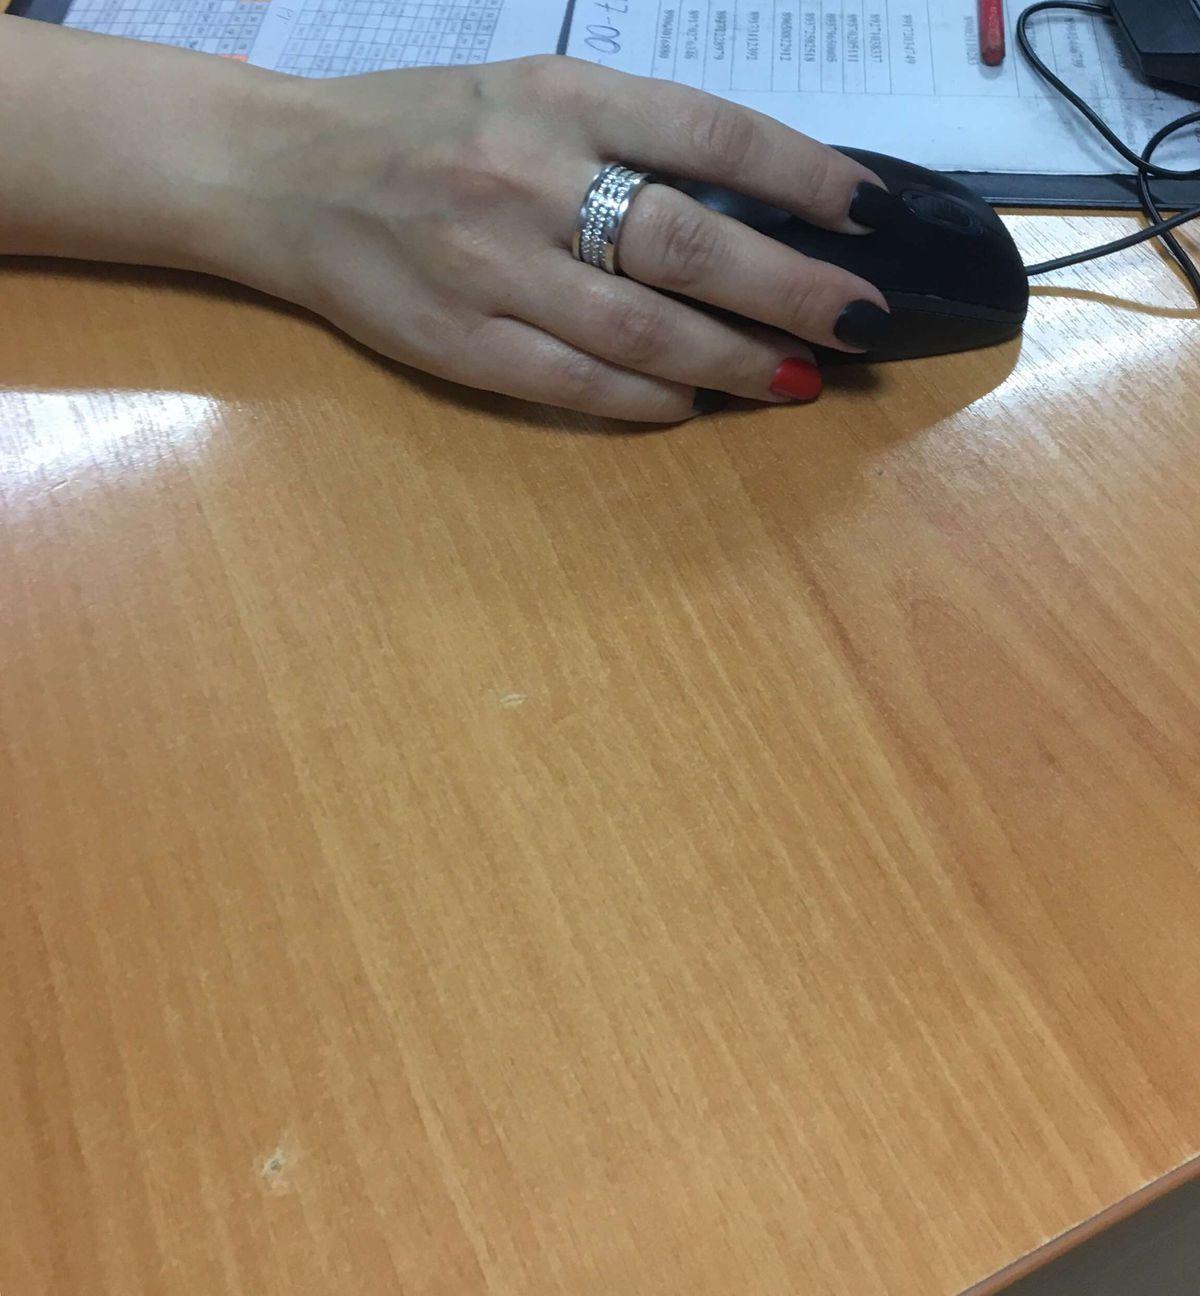 Шикарное кольцо , необычное , притягивает взгляд .